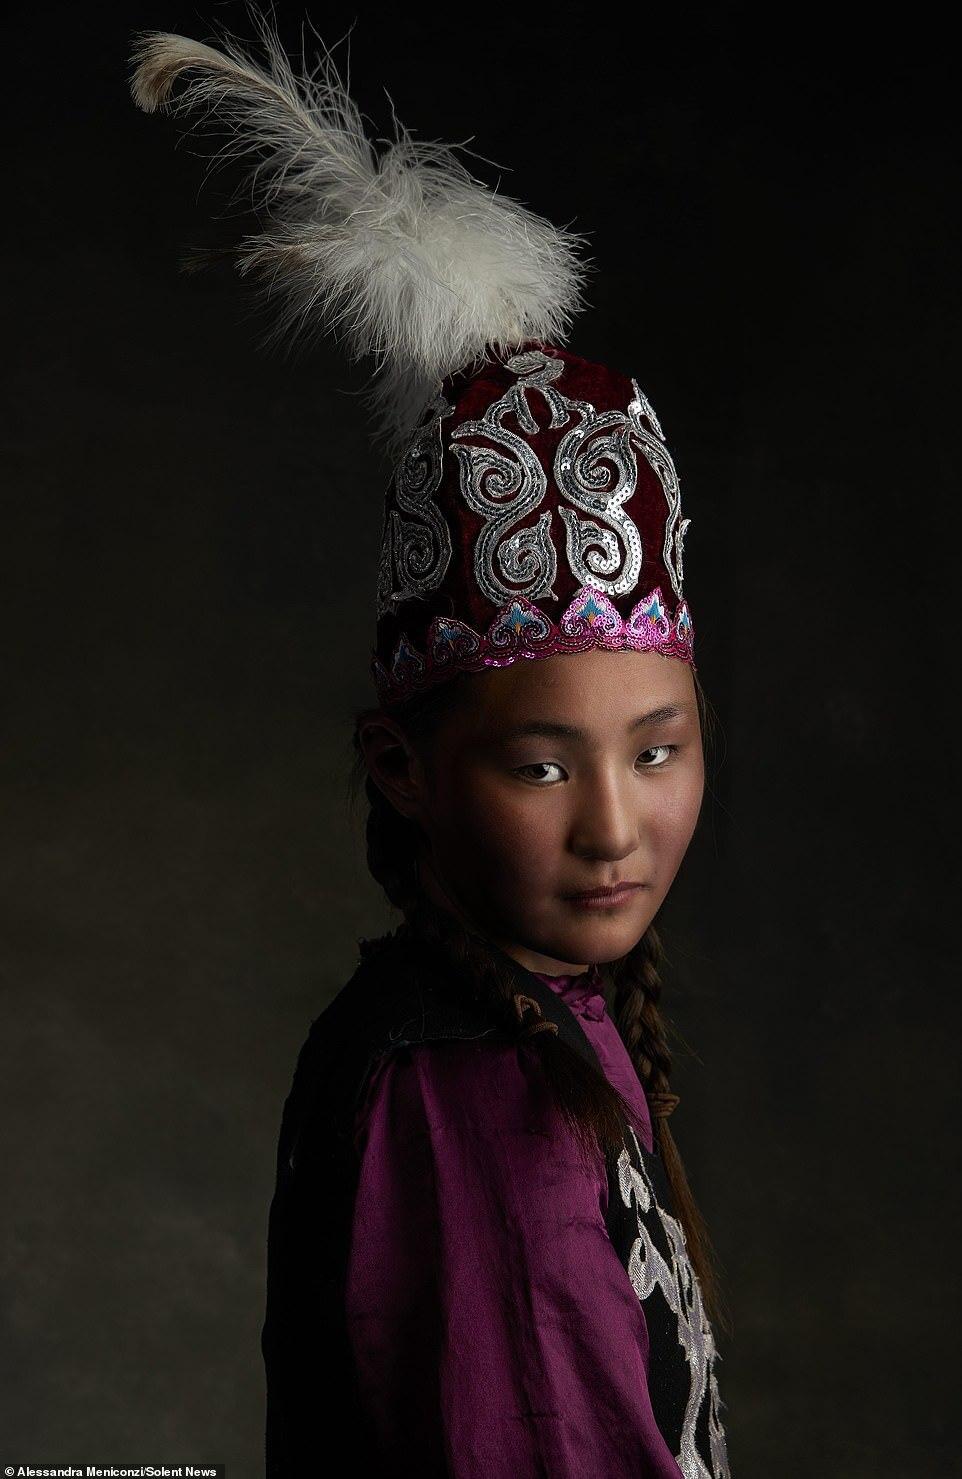 Sau nhiều năm rong ruổi các miền đất xa xôi và đi theo nhiều bộ tộc, tác phẩm của Meniconzi dần tập trung vào sự tinh tế, các giá trị đang bị phai mờ bởi dòng chảy của cuộc sống hiện đại.   Nhiếp ảnh gia Thụy Sỹ đã xuất bản 4 quyển sách ảnh: Con đường tơ lụa (2004), Iceland huyền bí (2007), Trung Quốc bí ẩn (2008) và QTI -Alessandra Meniconzi, Il coraggio di esser paesaggio (2011).